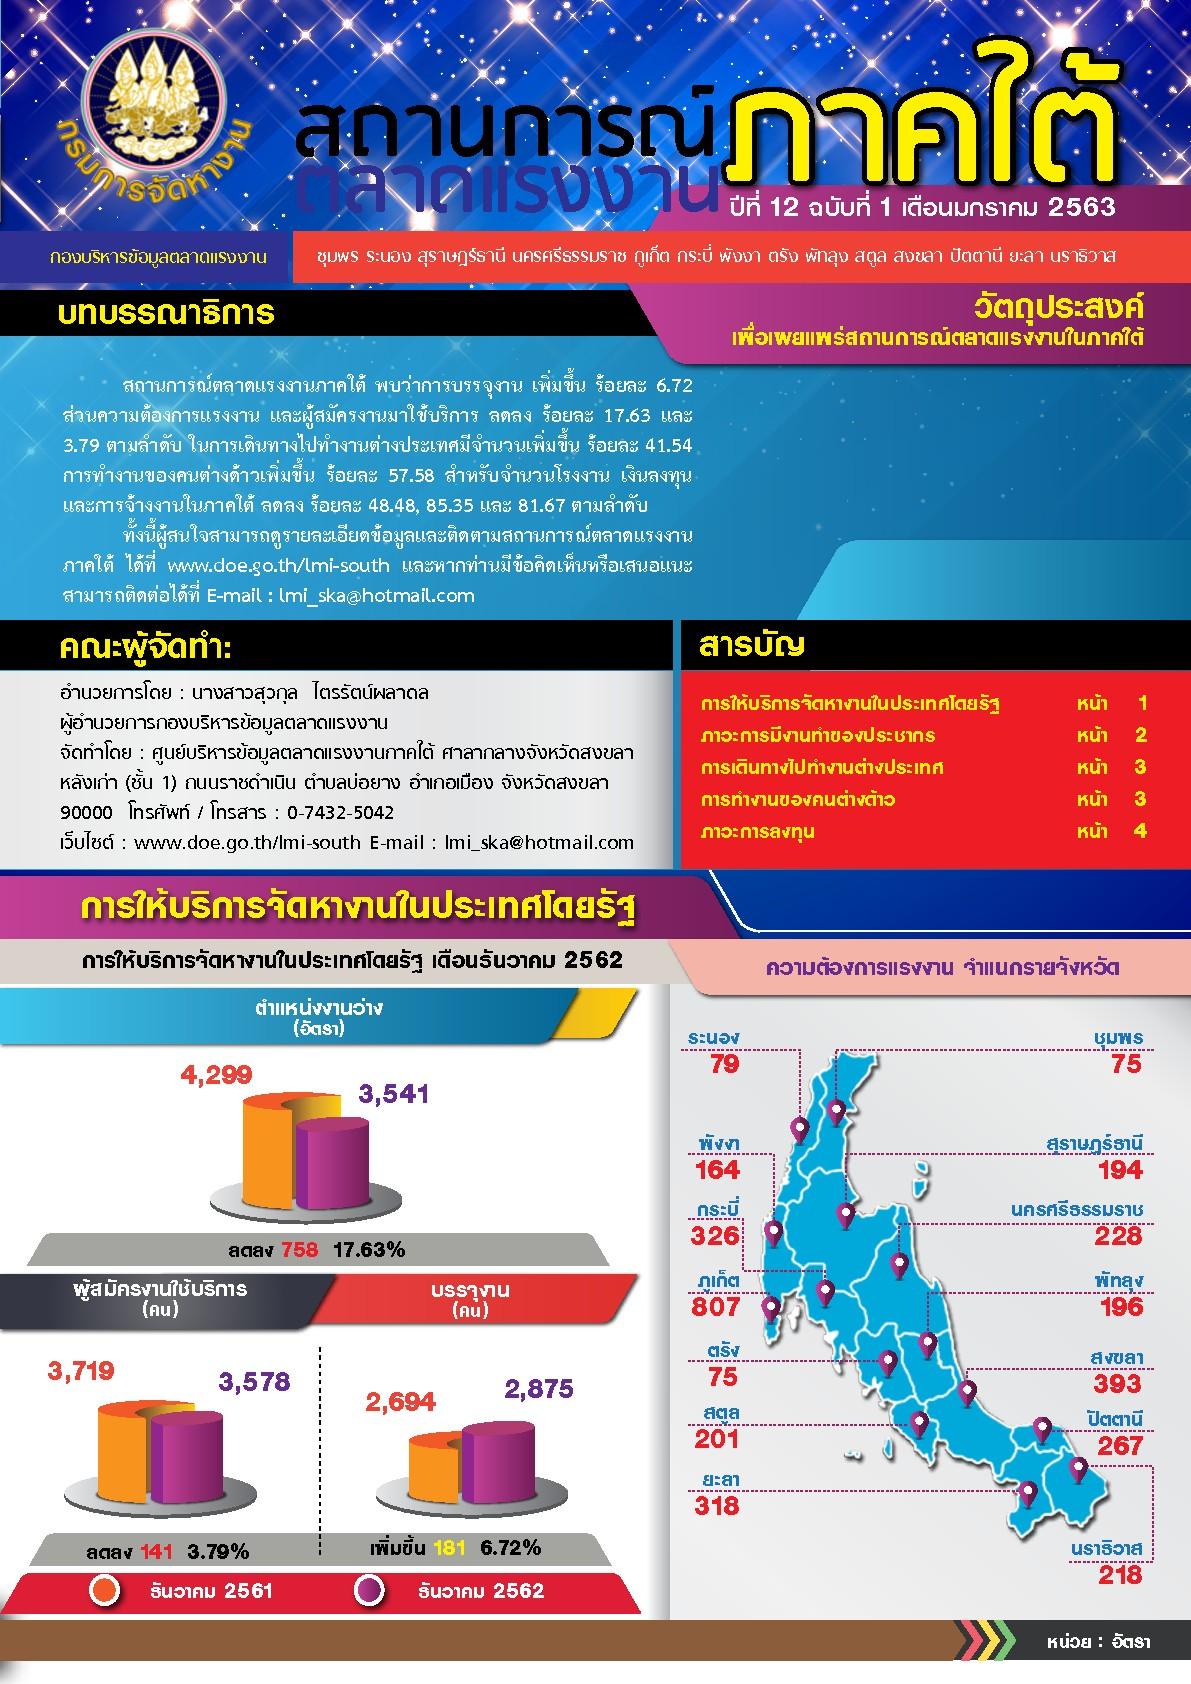 วารสารสถานการณ์ตลาดแรงงานภาคใต้ ปีที่ 12 ฉบับที่ 1 เดือนมกราคม 2563